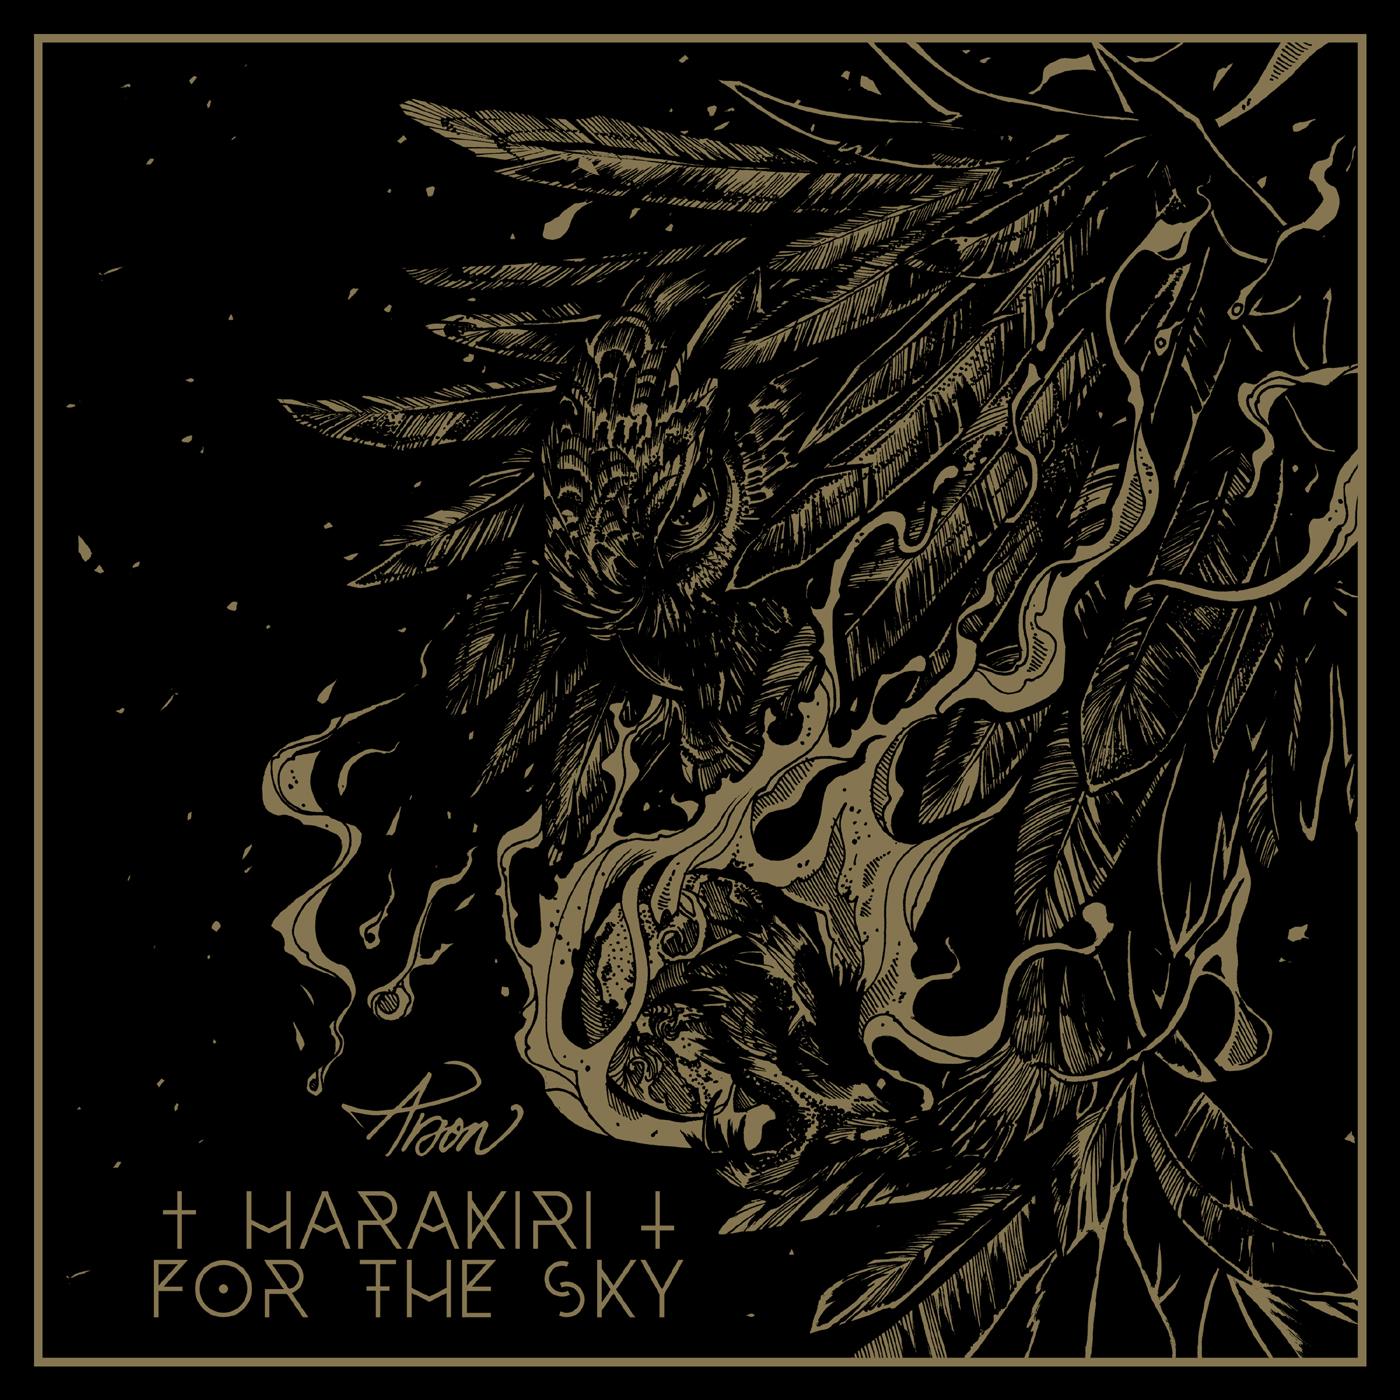 harakiri-for-the-sky-arson-01.jpg